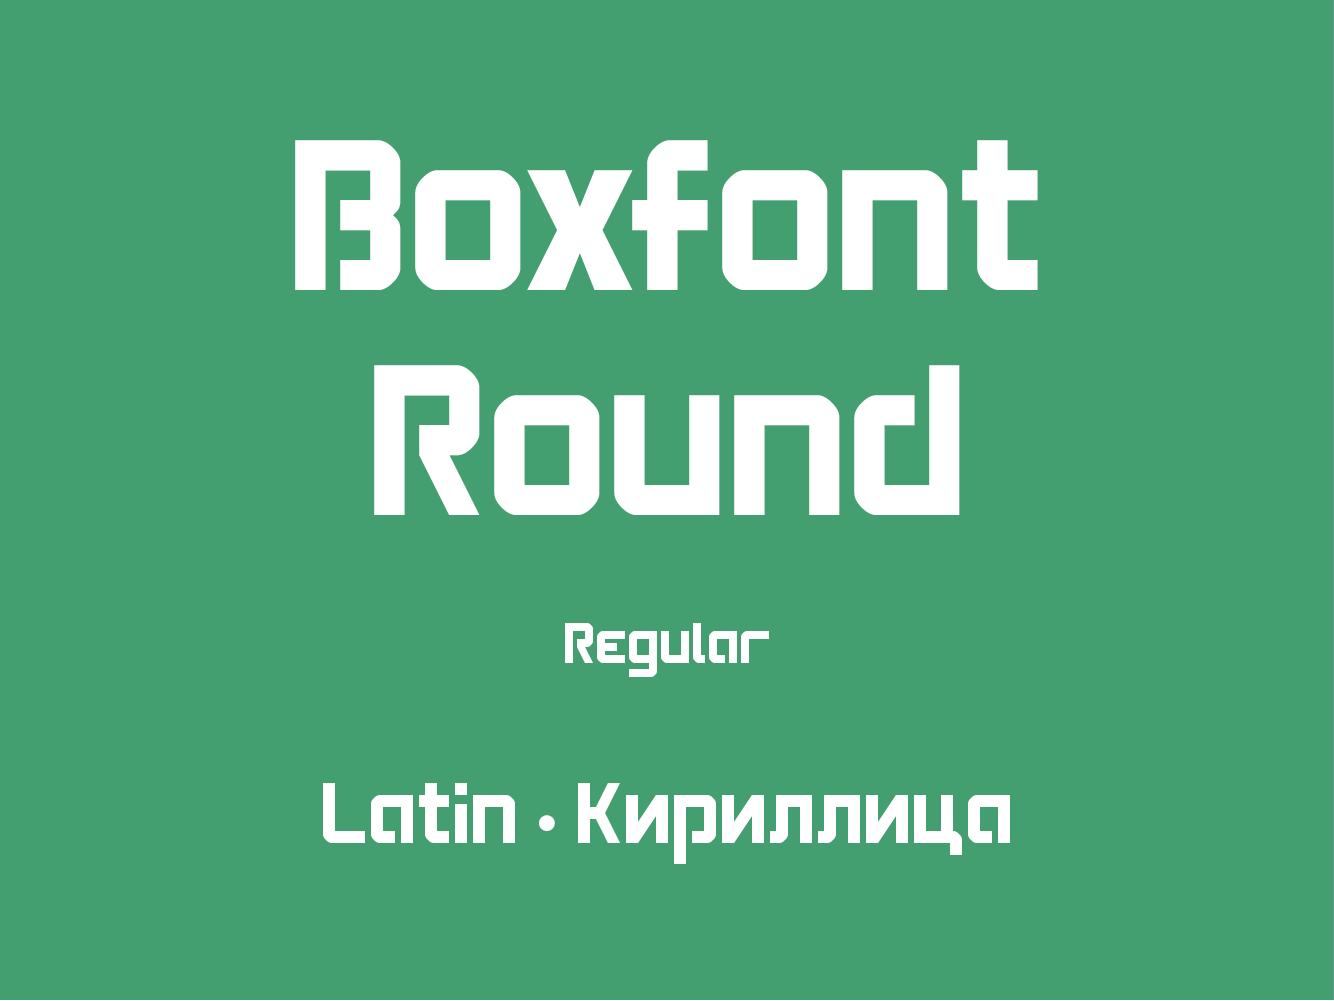 Boxfont Round